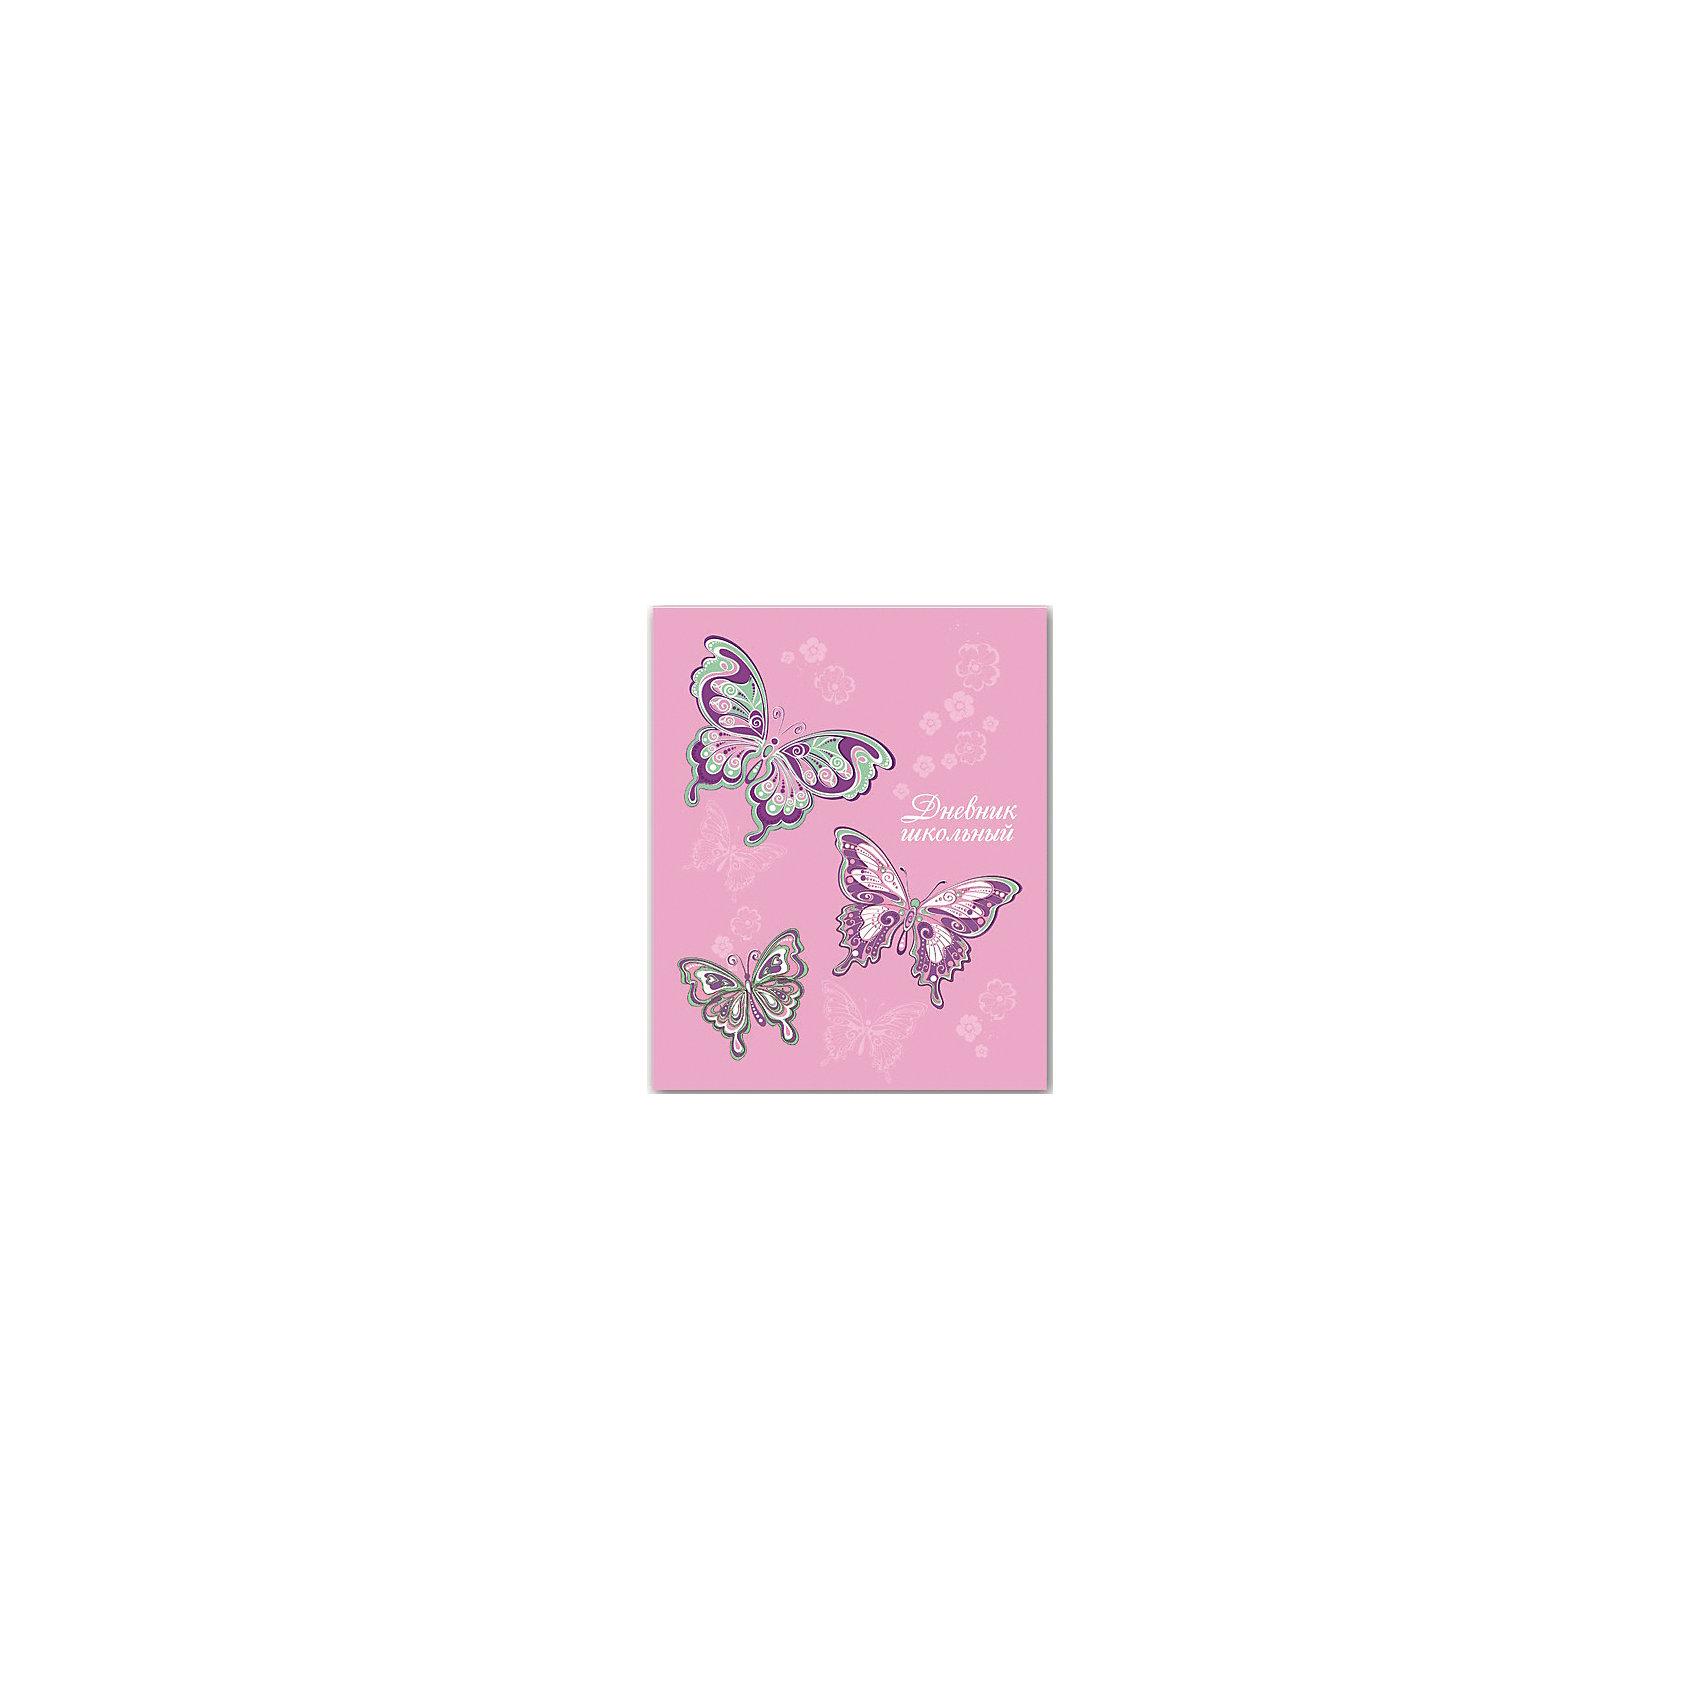 Дневник Ажурные бабочкиОдна из важнейших школьных принадлежностей - дневник. Он нужен каждому школьнику. Занятия ребенка в школе всегда требуют приобретения атрибутов для учебы. Так пусть они будут стильными и качественными! Ведь учиться с ними - намного приятней.<br>Школьный дневник Ажурные бабочки - стандартного формата А5. Обложка - из плотной бумаги с изображением бабочек. Листы надежно скреплены. Изделие произведено из качественных и безопасных для ребенка материалов.<br><br>Дополнительная информация:<br><br>цвет: разноцветный;<br>формат: А5;<br>материал: бумага.<br><br>Дневник Ажурные бабочки можно купить в нашем магазине.<br><br>Ширина мм: 220<br>Глубина мм: 170<br>Высота мм: 10<br>Вес г: 250<br>Возраст от месяцев: 72<br>Возраст до месяцев: 192<br>Пол: Женский<br>Возраст: Детский<br>SKU: 4746255